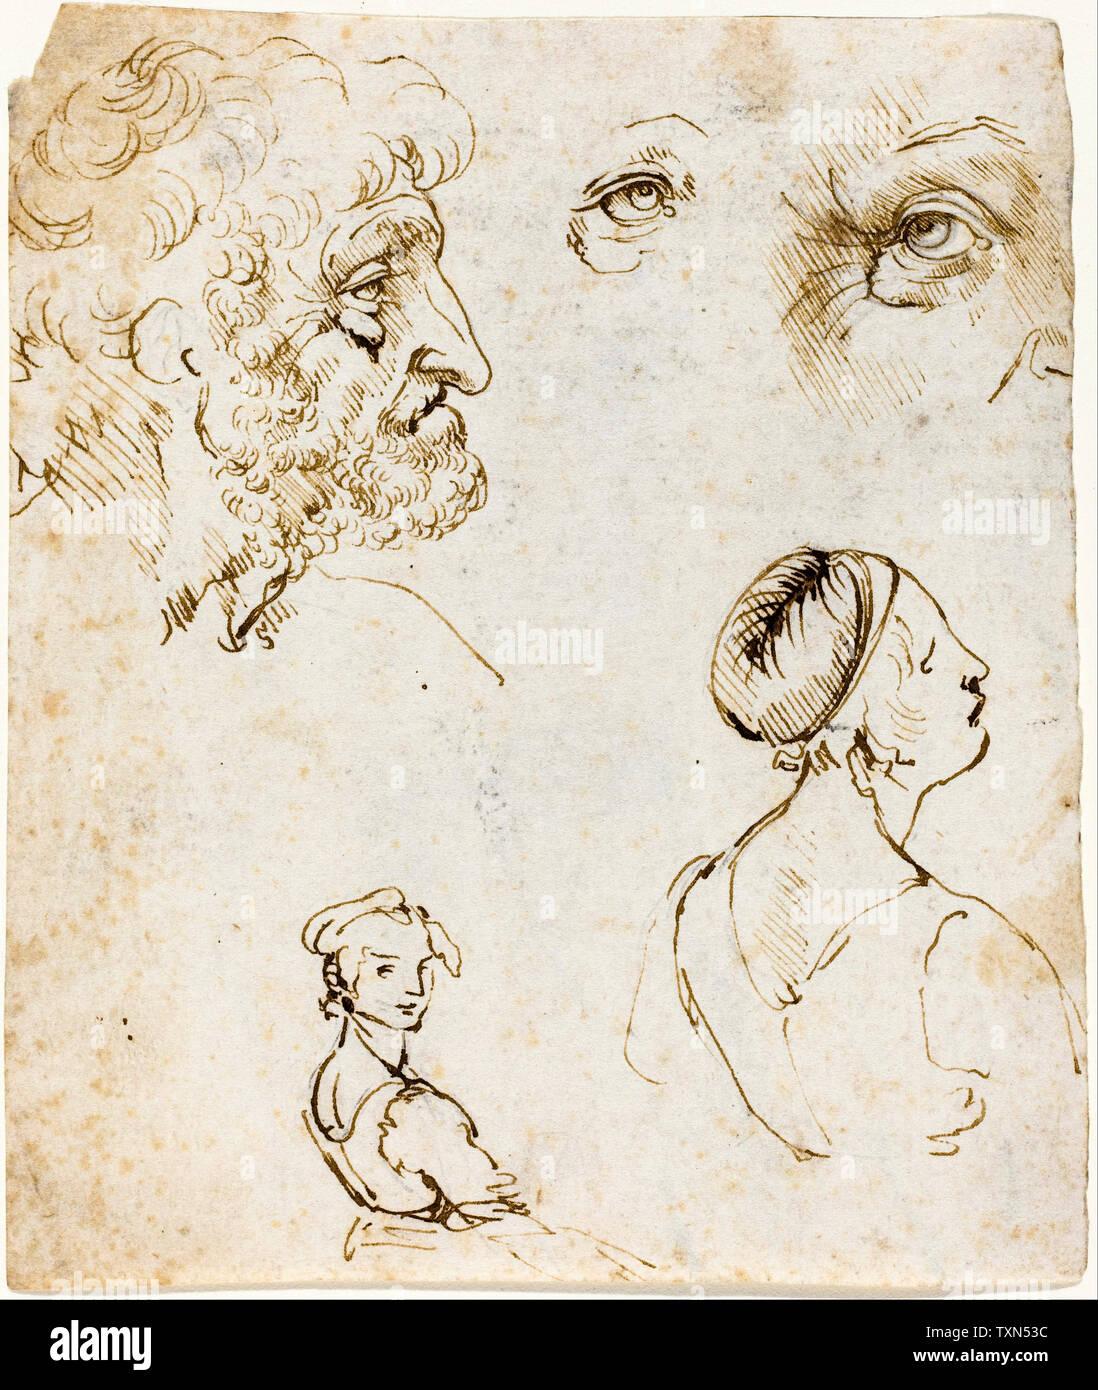 Leonardo Da Vinci, foglio di studi, disegno, circa 1470 Foto Stock